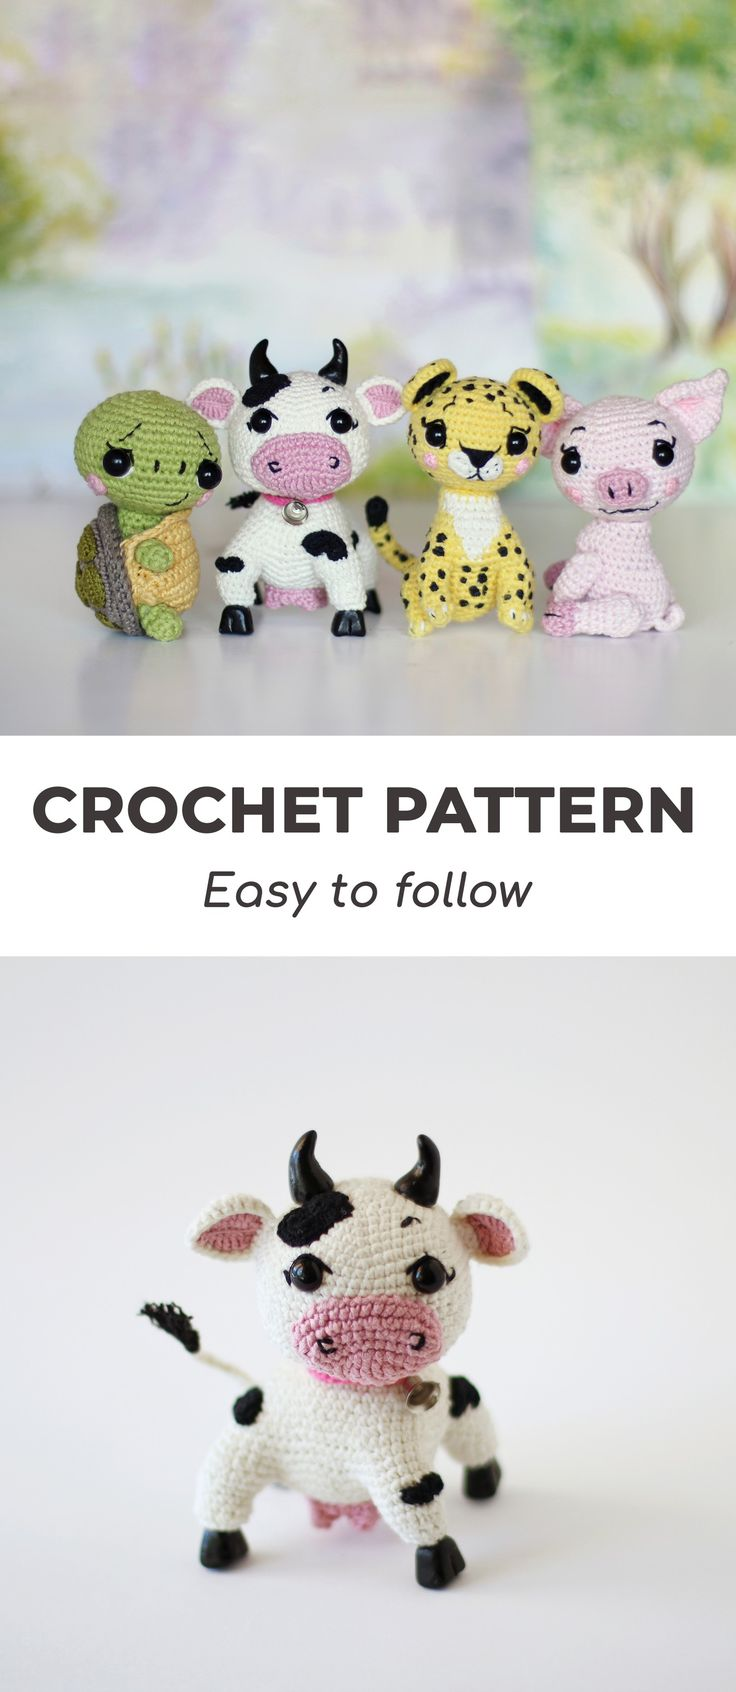 #crochetcow #crochetturtle #crochetleopard #crochetpig #amigurumipattern